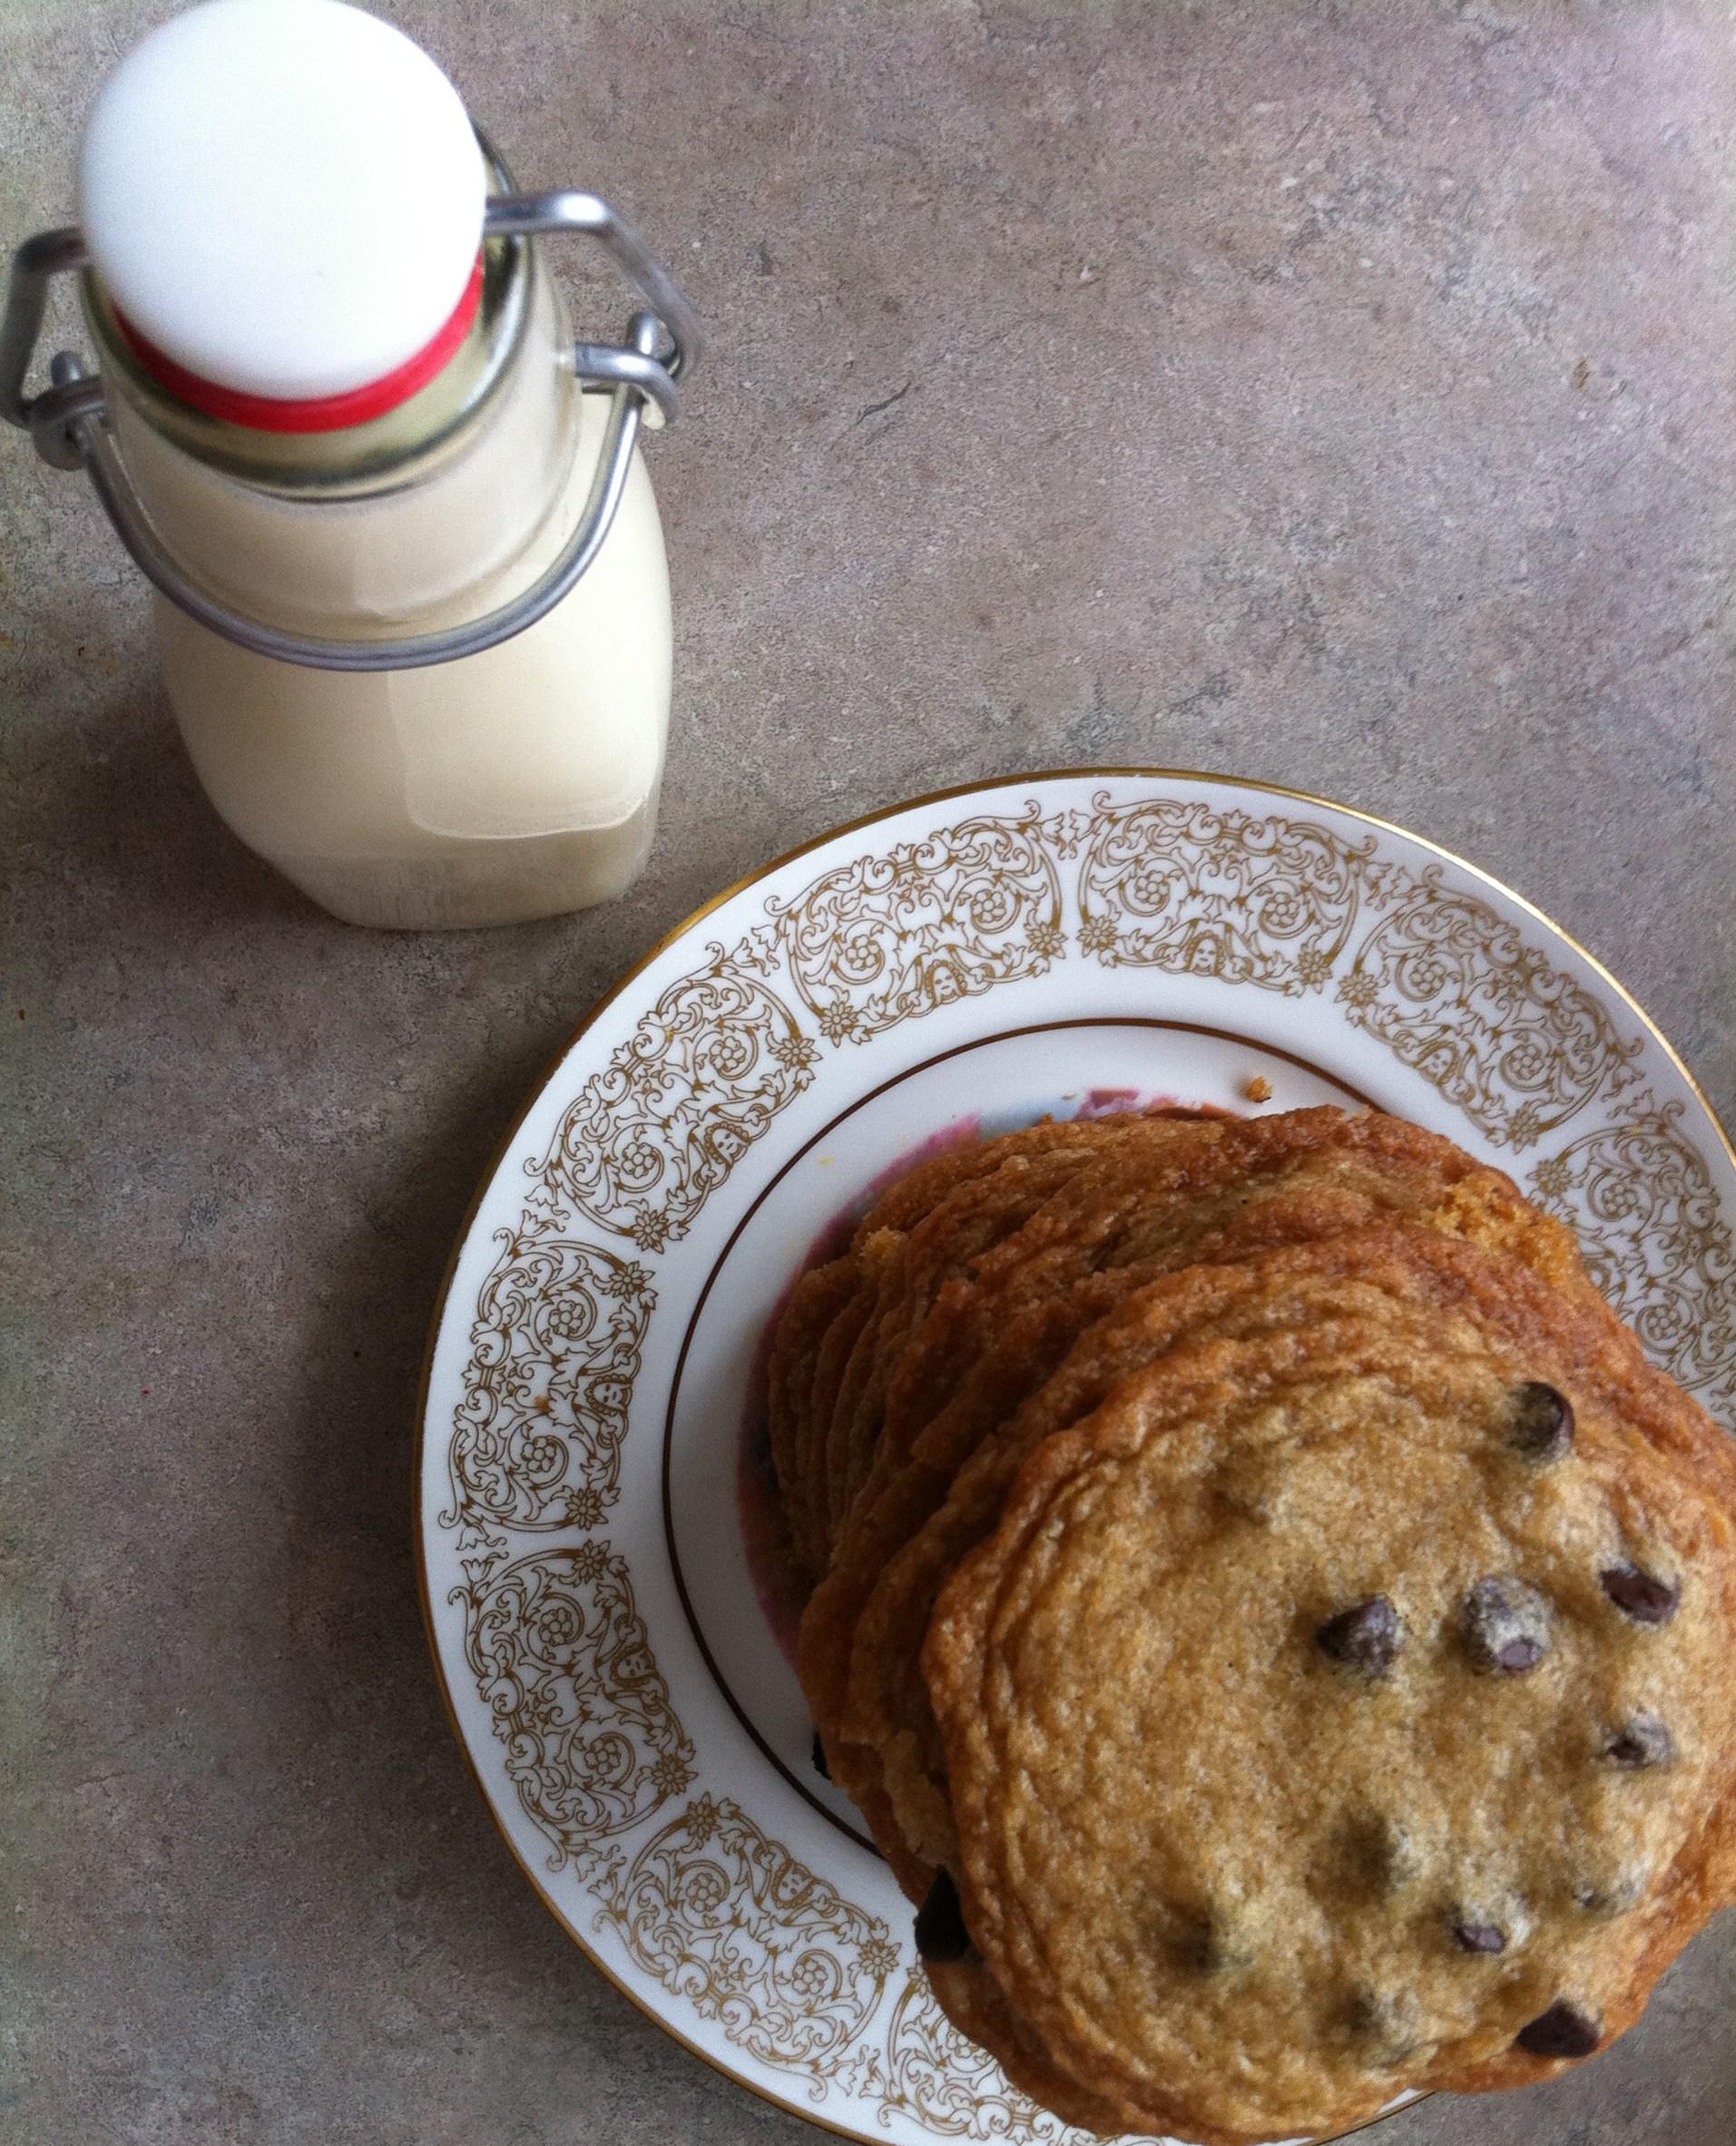 DIY Soy Milk with Vegan Chocolate Chip Cookies